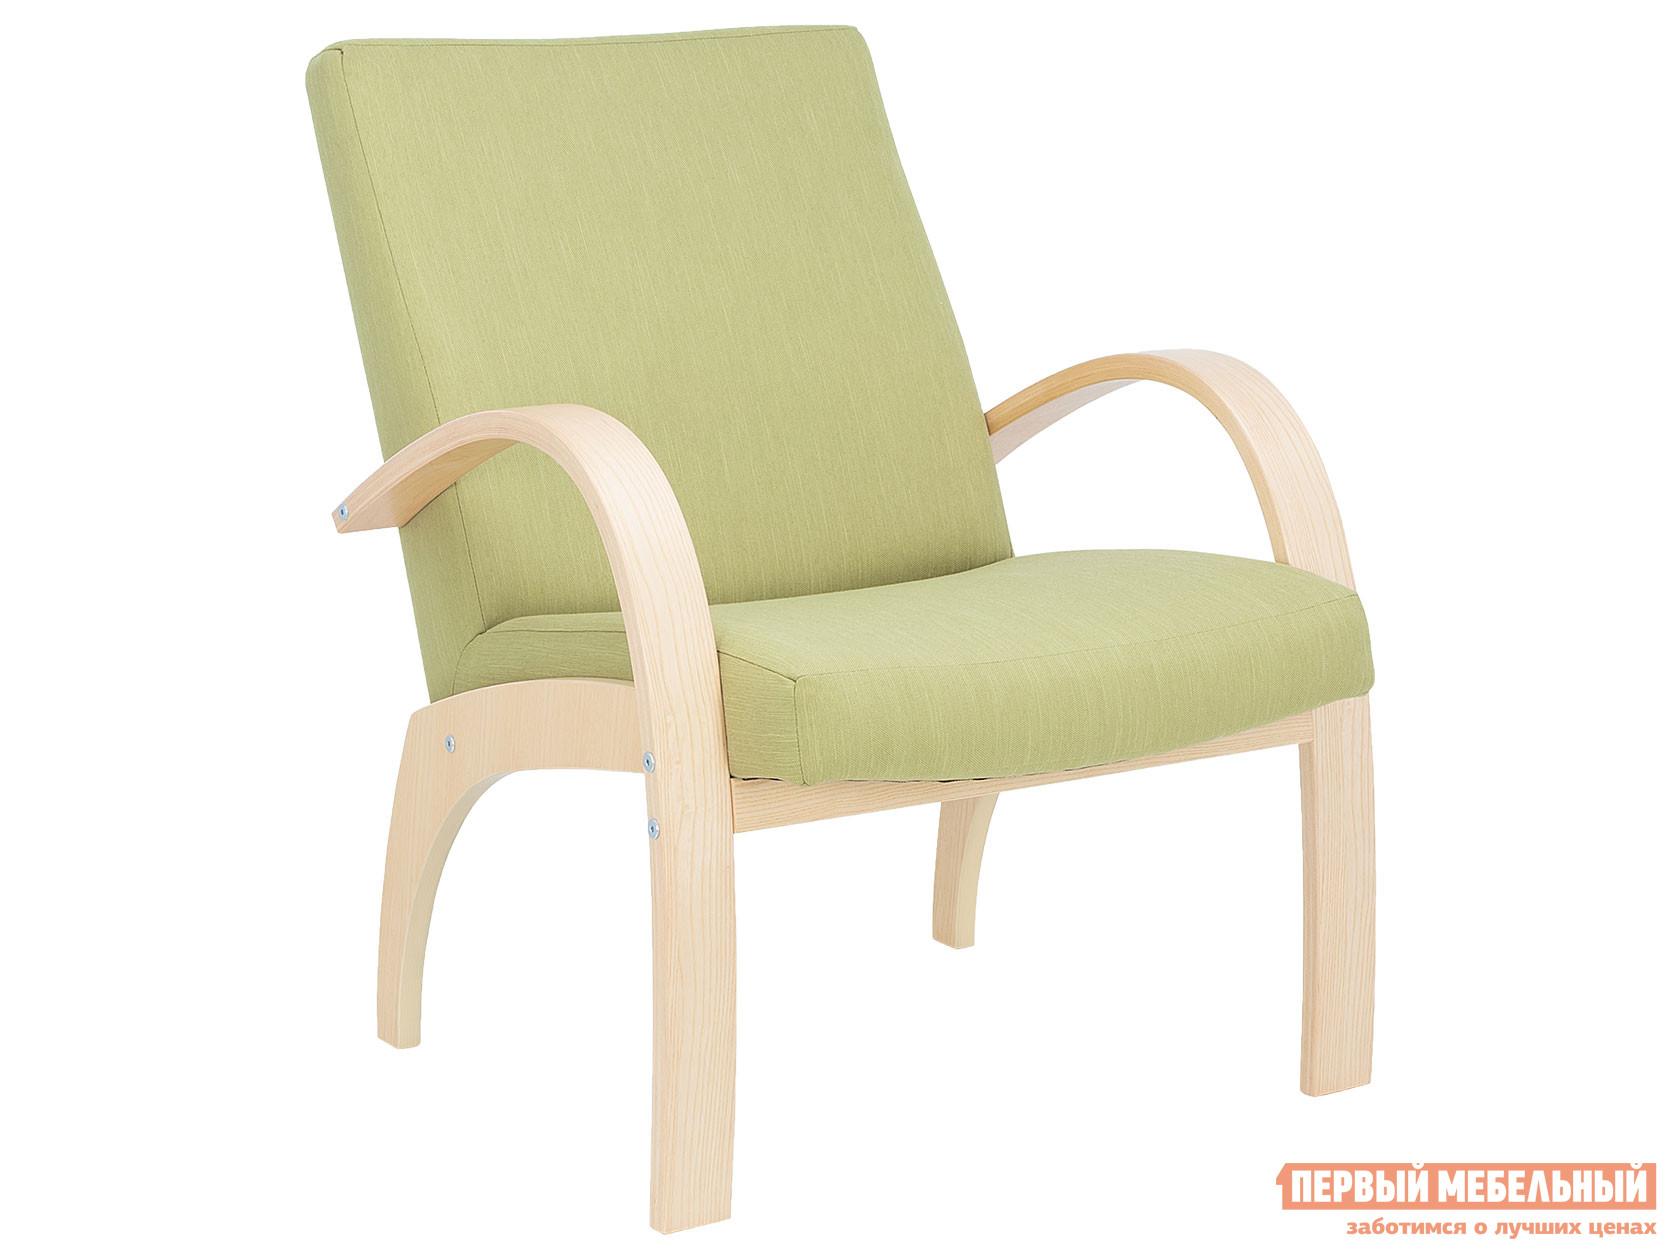 Кресло Первый Мебельный Кресло для отдыха Денди